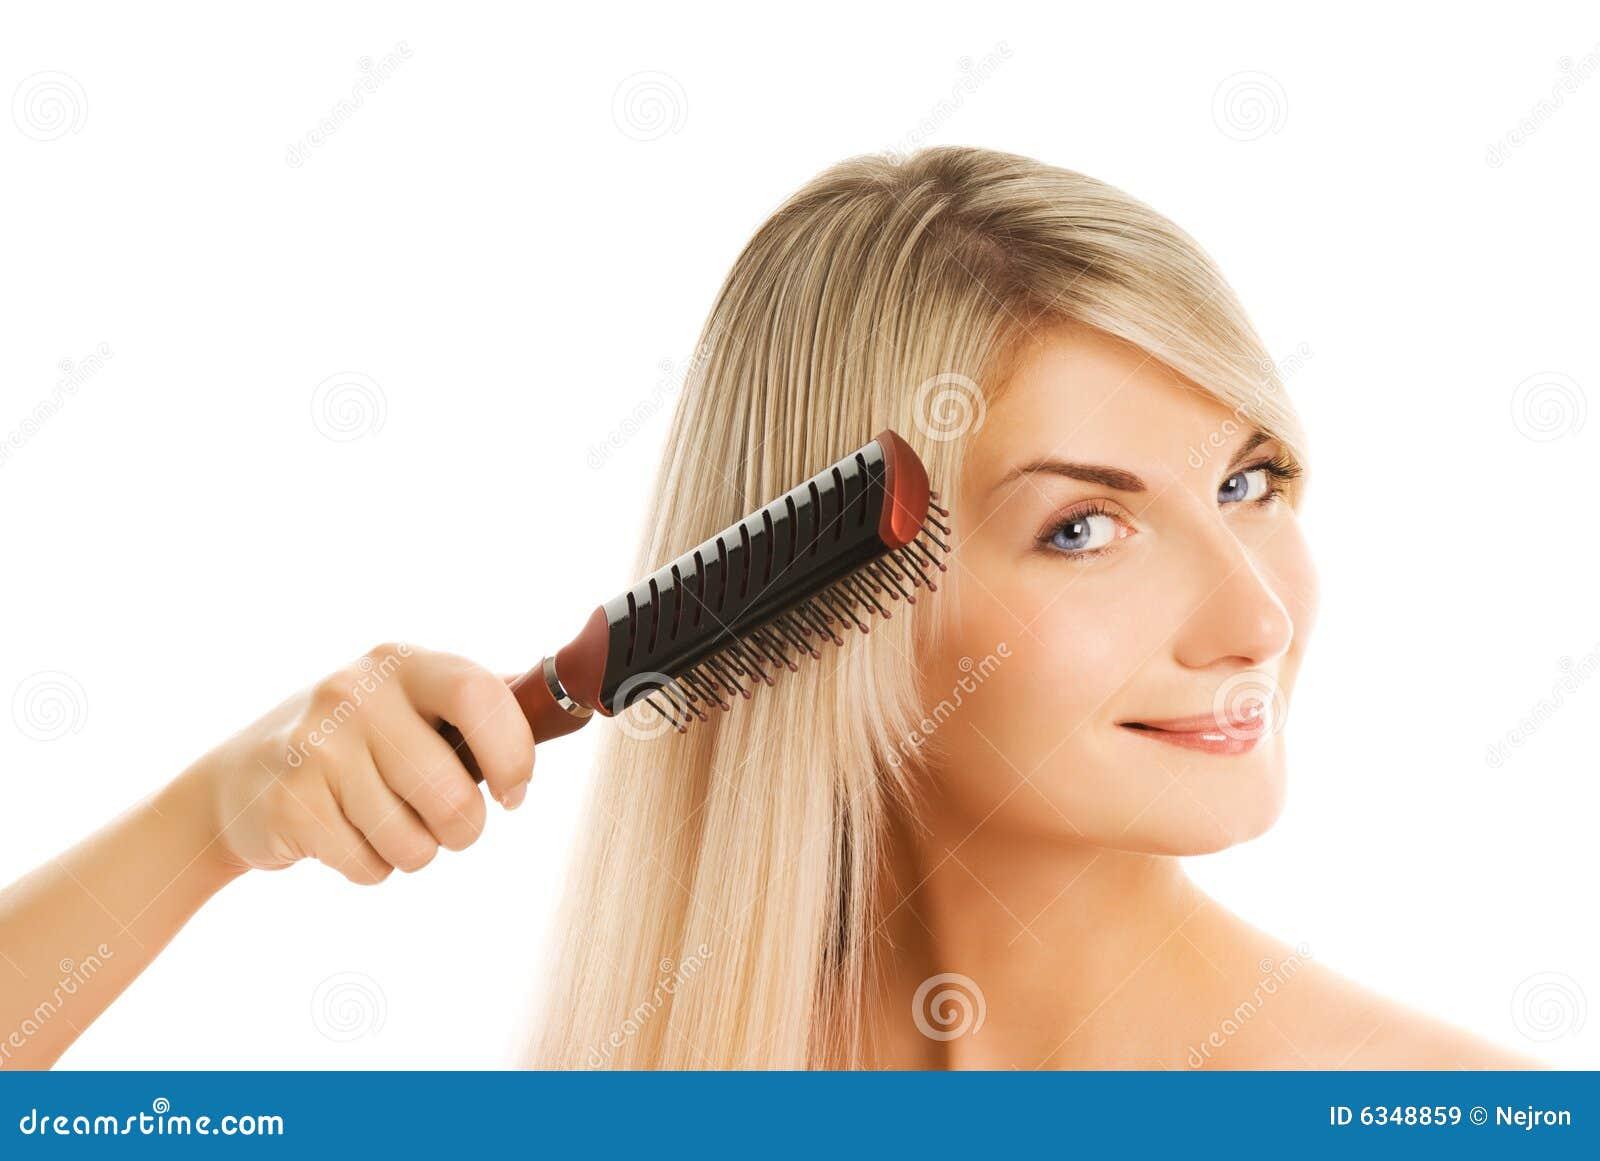 Почему нельзя расчёсывать волосы ночью